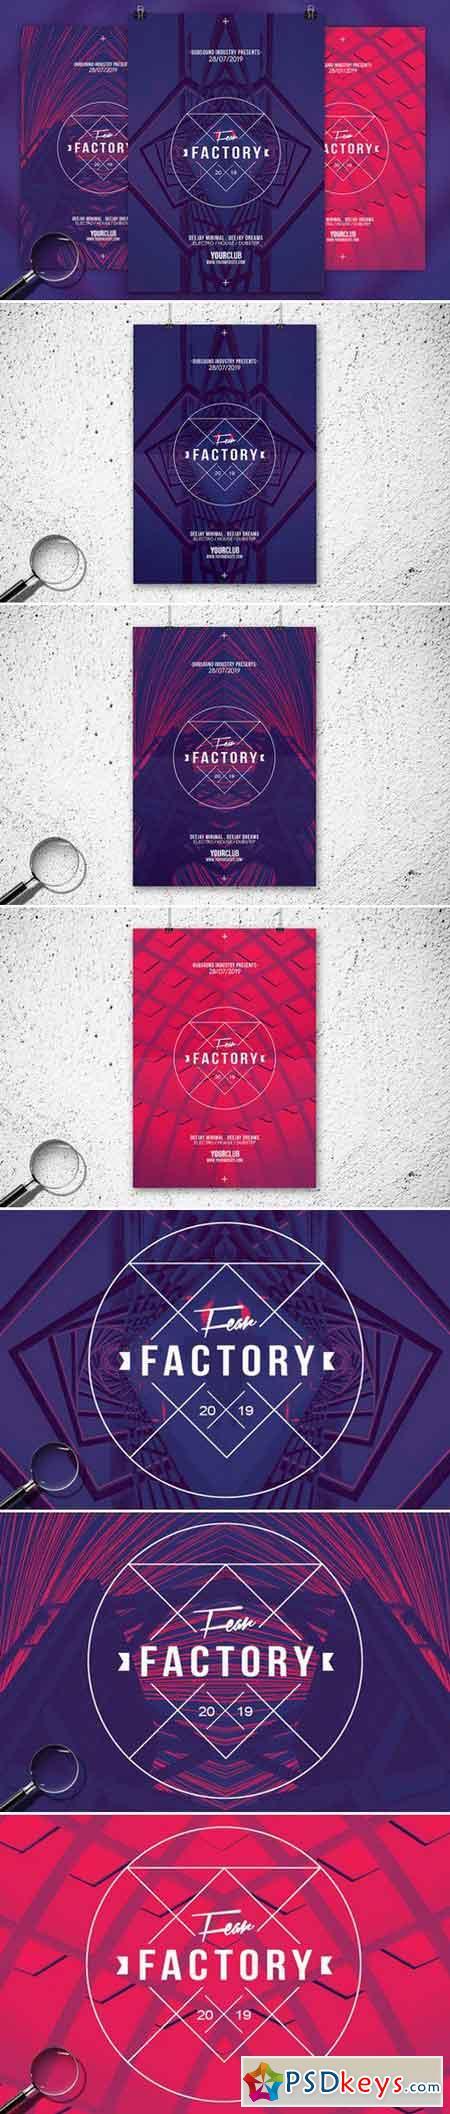 Fear Factory 3in1 Flyer Template 758866